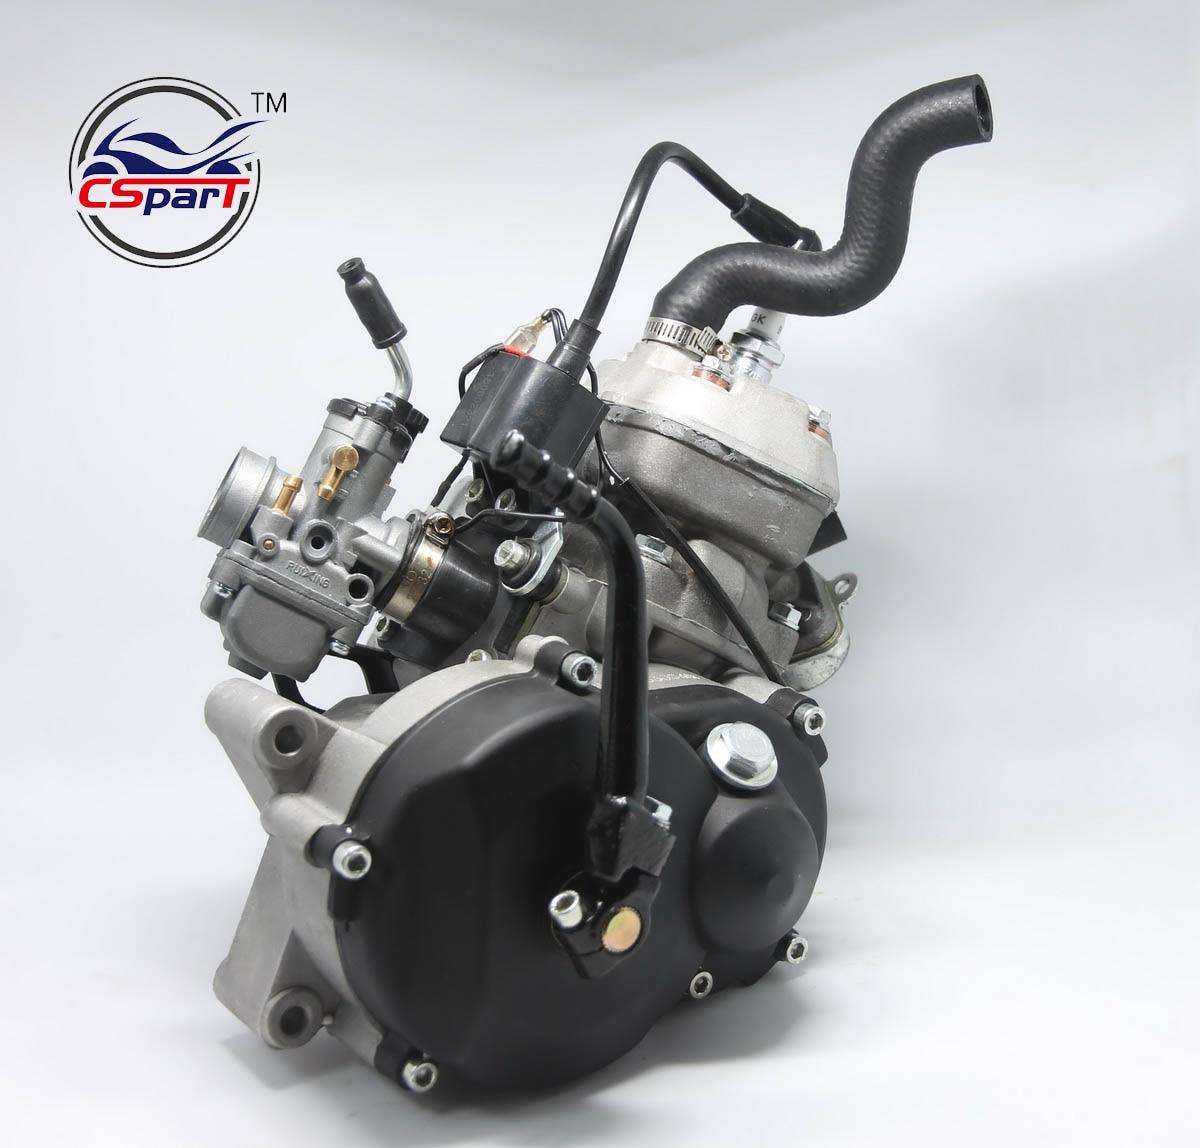 65CC מים מקורר מנוע עבור 05 KTM 65 SX פרו בכיר עפר בור צלב אופניים